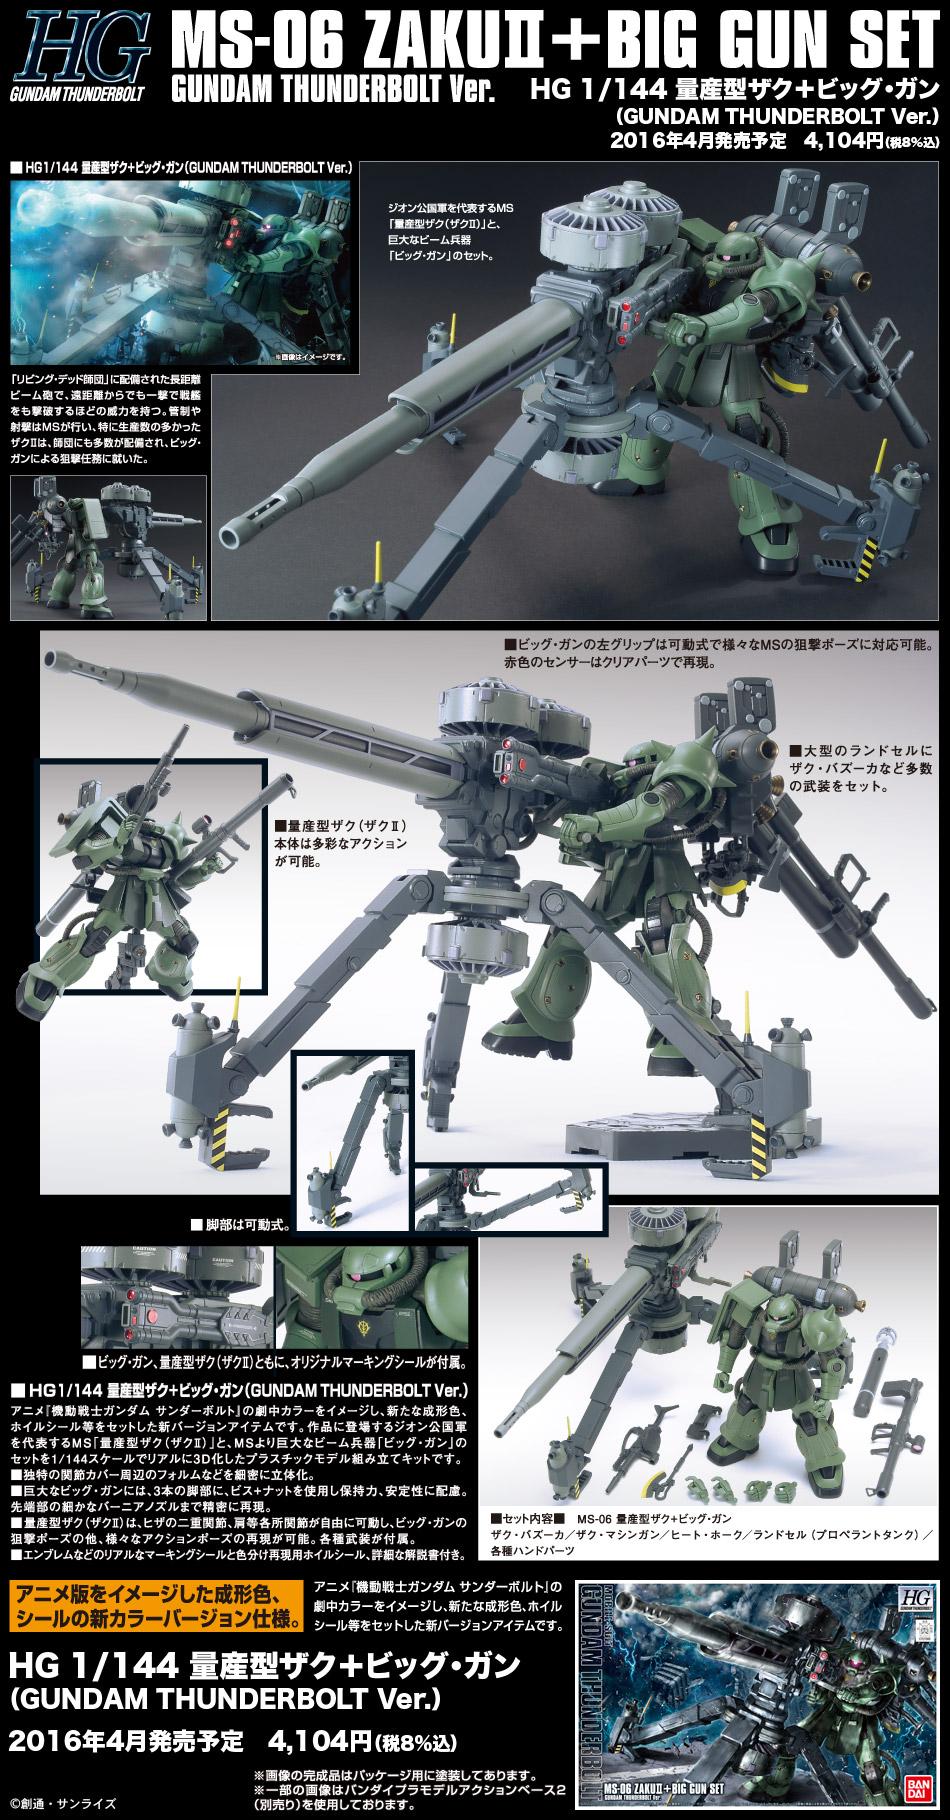 HGTB 1/144 MS-06 量産型ザク+ビッグ・ガン(GUNDAM THUNDERBOLT Ver.) 公式商品説明(画像)